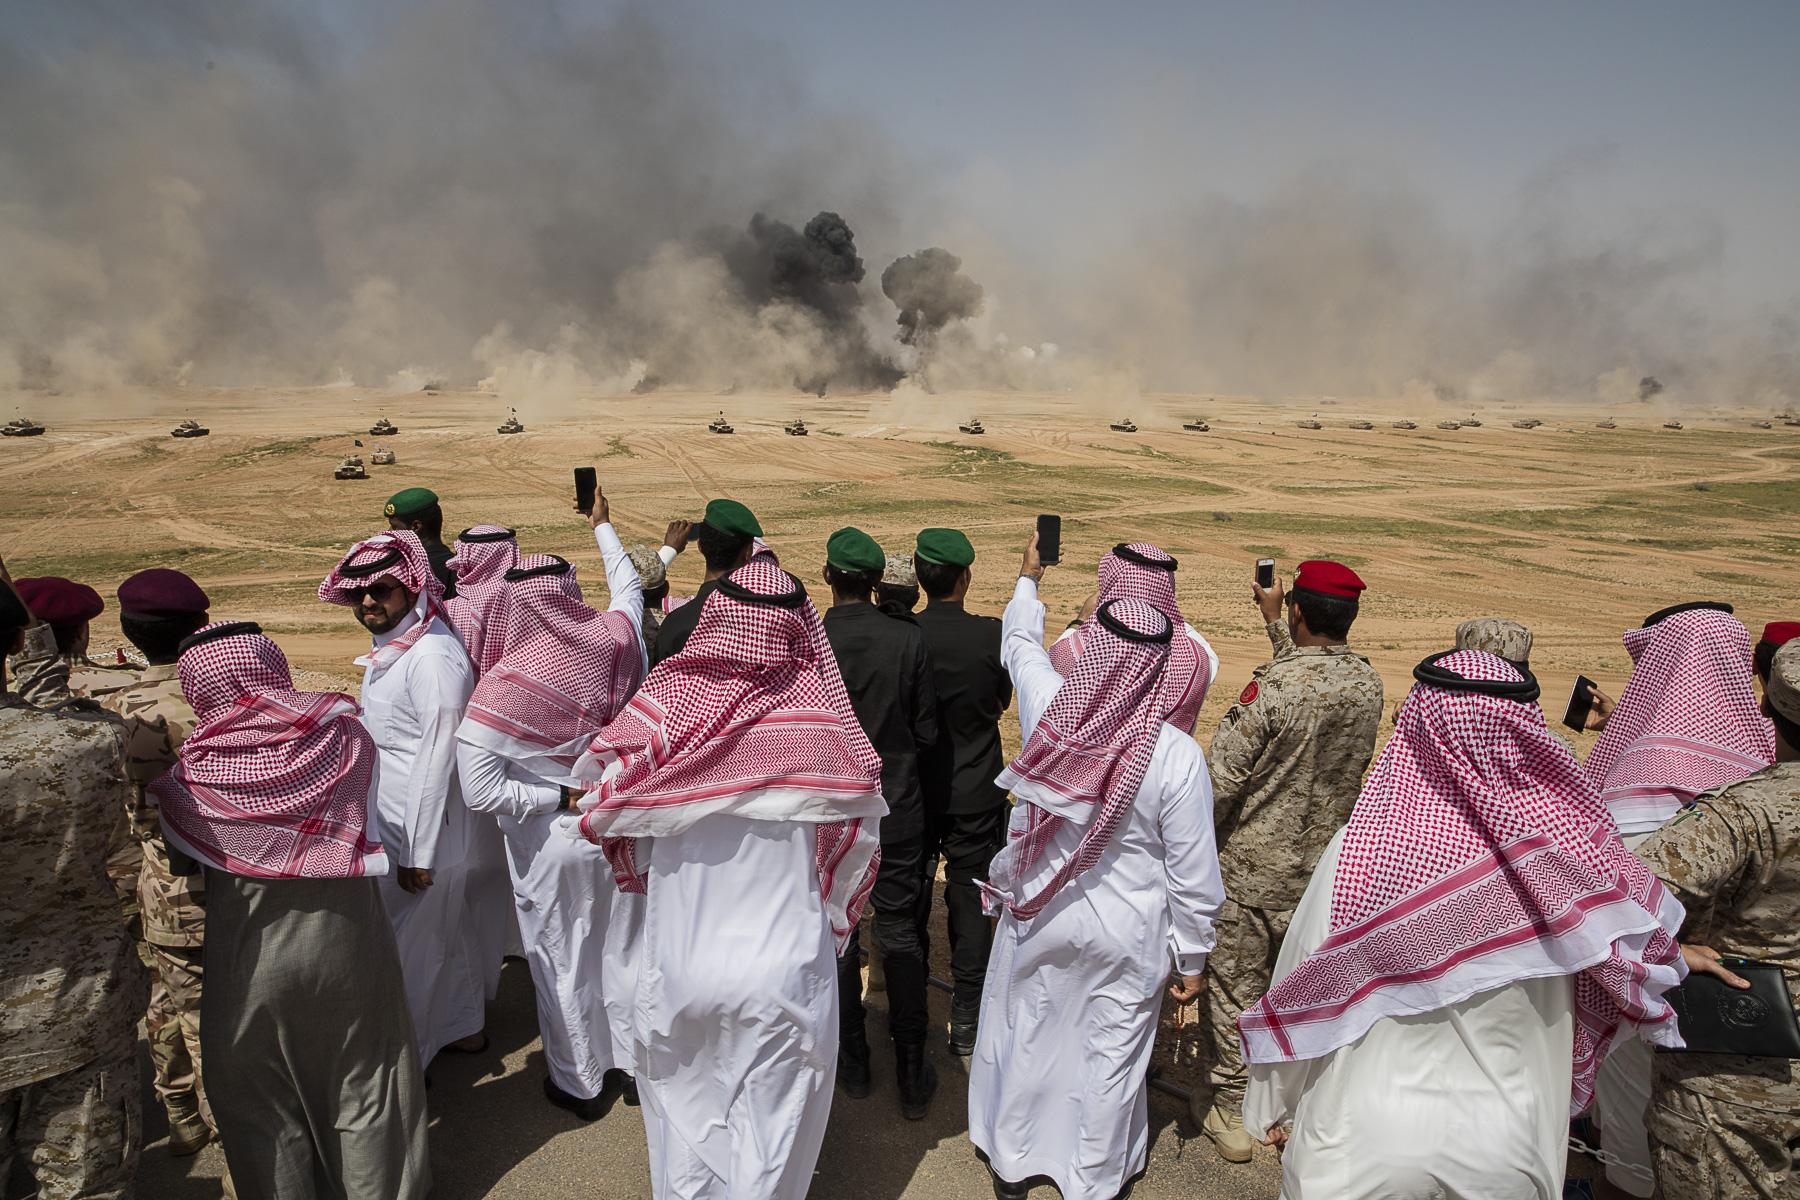 Les manœuvres de l'opération {quote}Tonnerre du Nord{quote}, lancées le 27 février  sur la base militaire du roi Khaled, dans la région de Hafar al-Batin (nord de l'Arabie Saoudite). Onze chefs d'Etat dont le roi saoudien, Salmane ben Abdelaziz, ont pris part à cet événement militaire.Des invités saoudiens assistent aux manoeuvres en prenant des photos et des selfies devants les explosions.